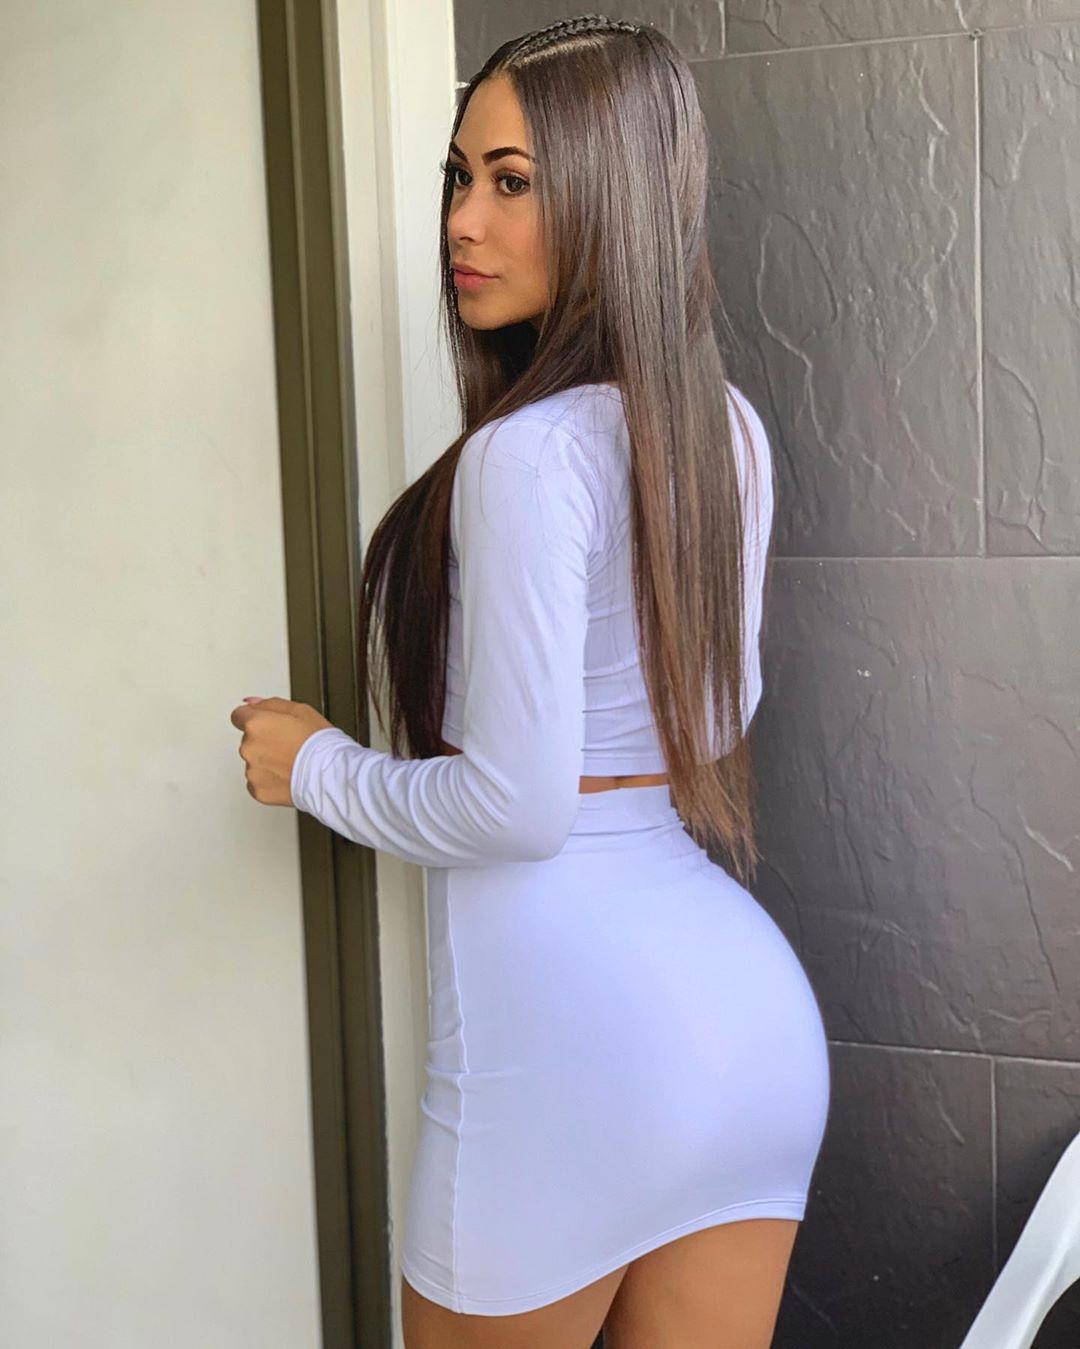 Valeria-Vasquez-Wallpapers-Insta-Fit-Bio-5